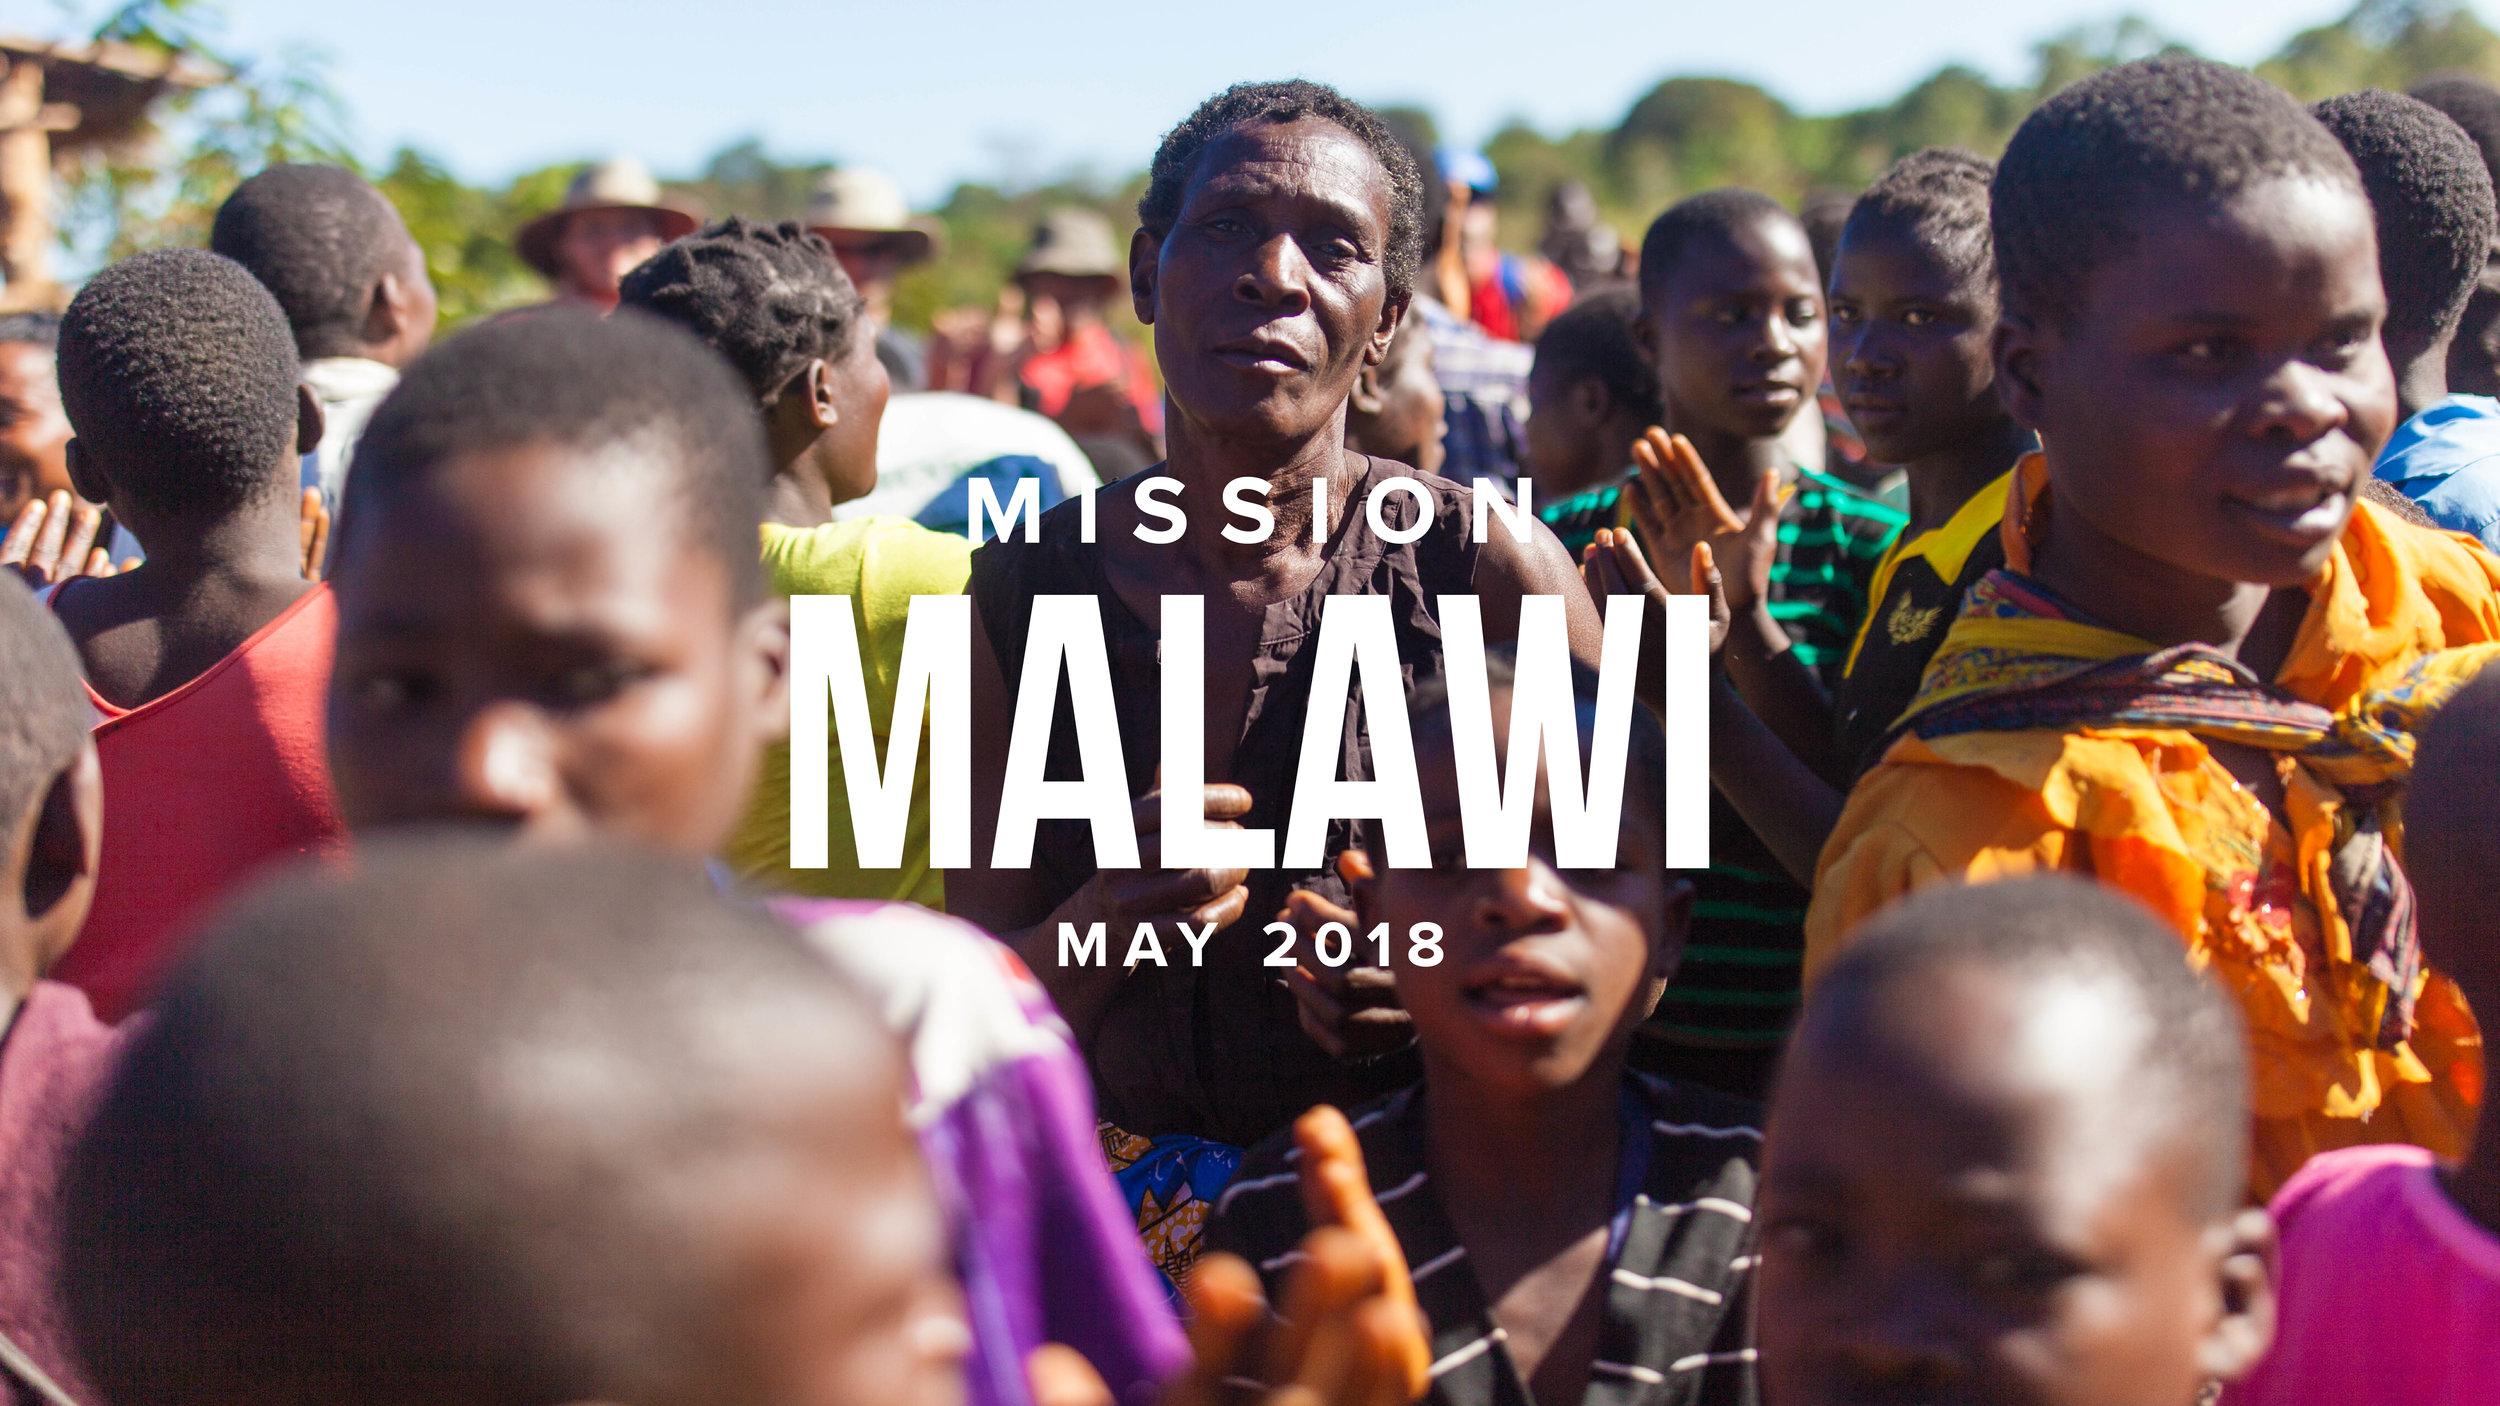 Mission Malawi.jpg